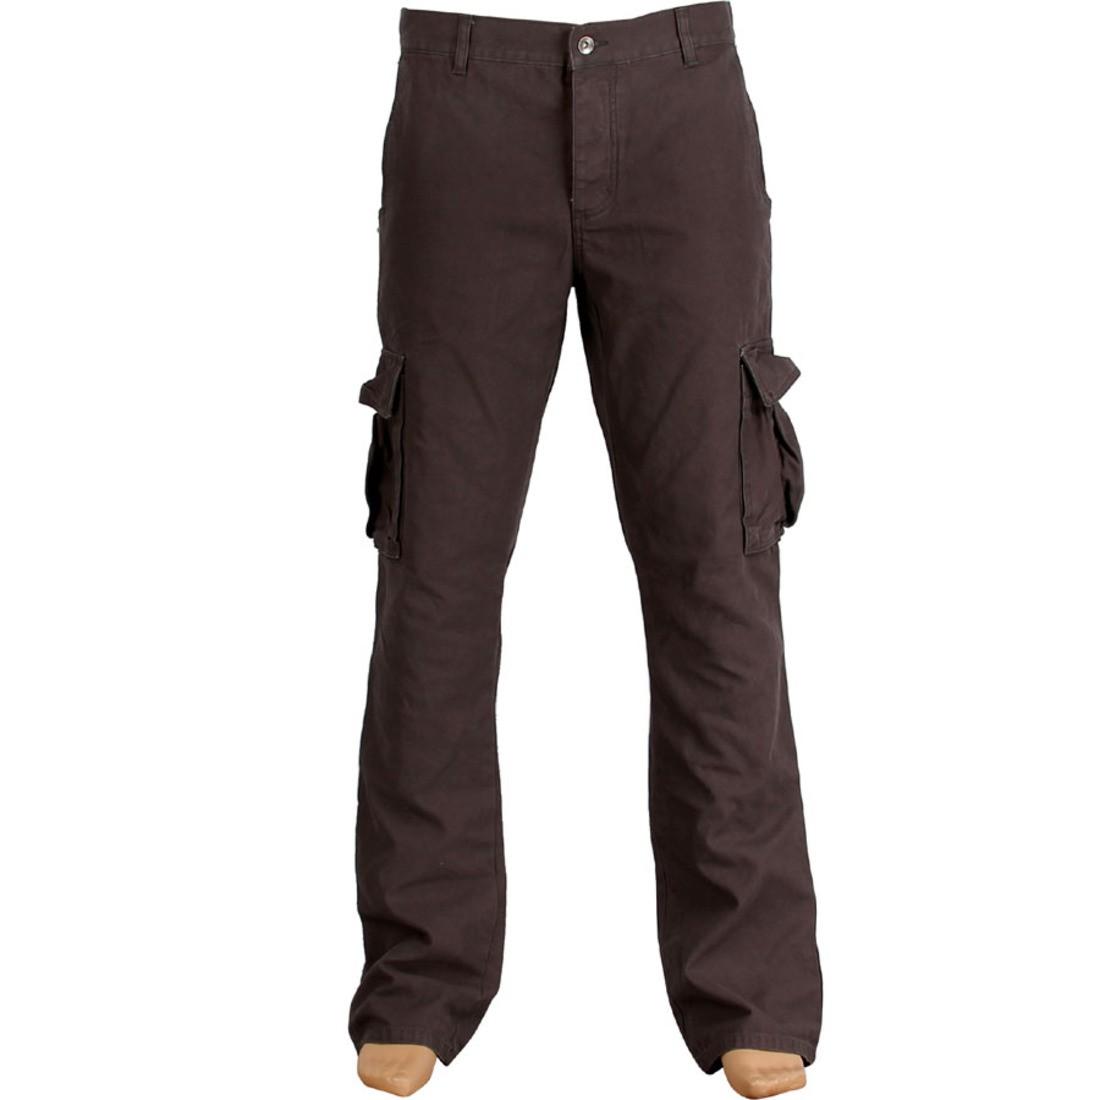 カーゴ メンズファッション ズボン パンツ メンズ 【 Kr3w Klassic Cargo Pants (charcoal Grey) 】 Charcoal Grey